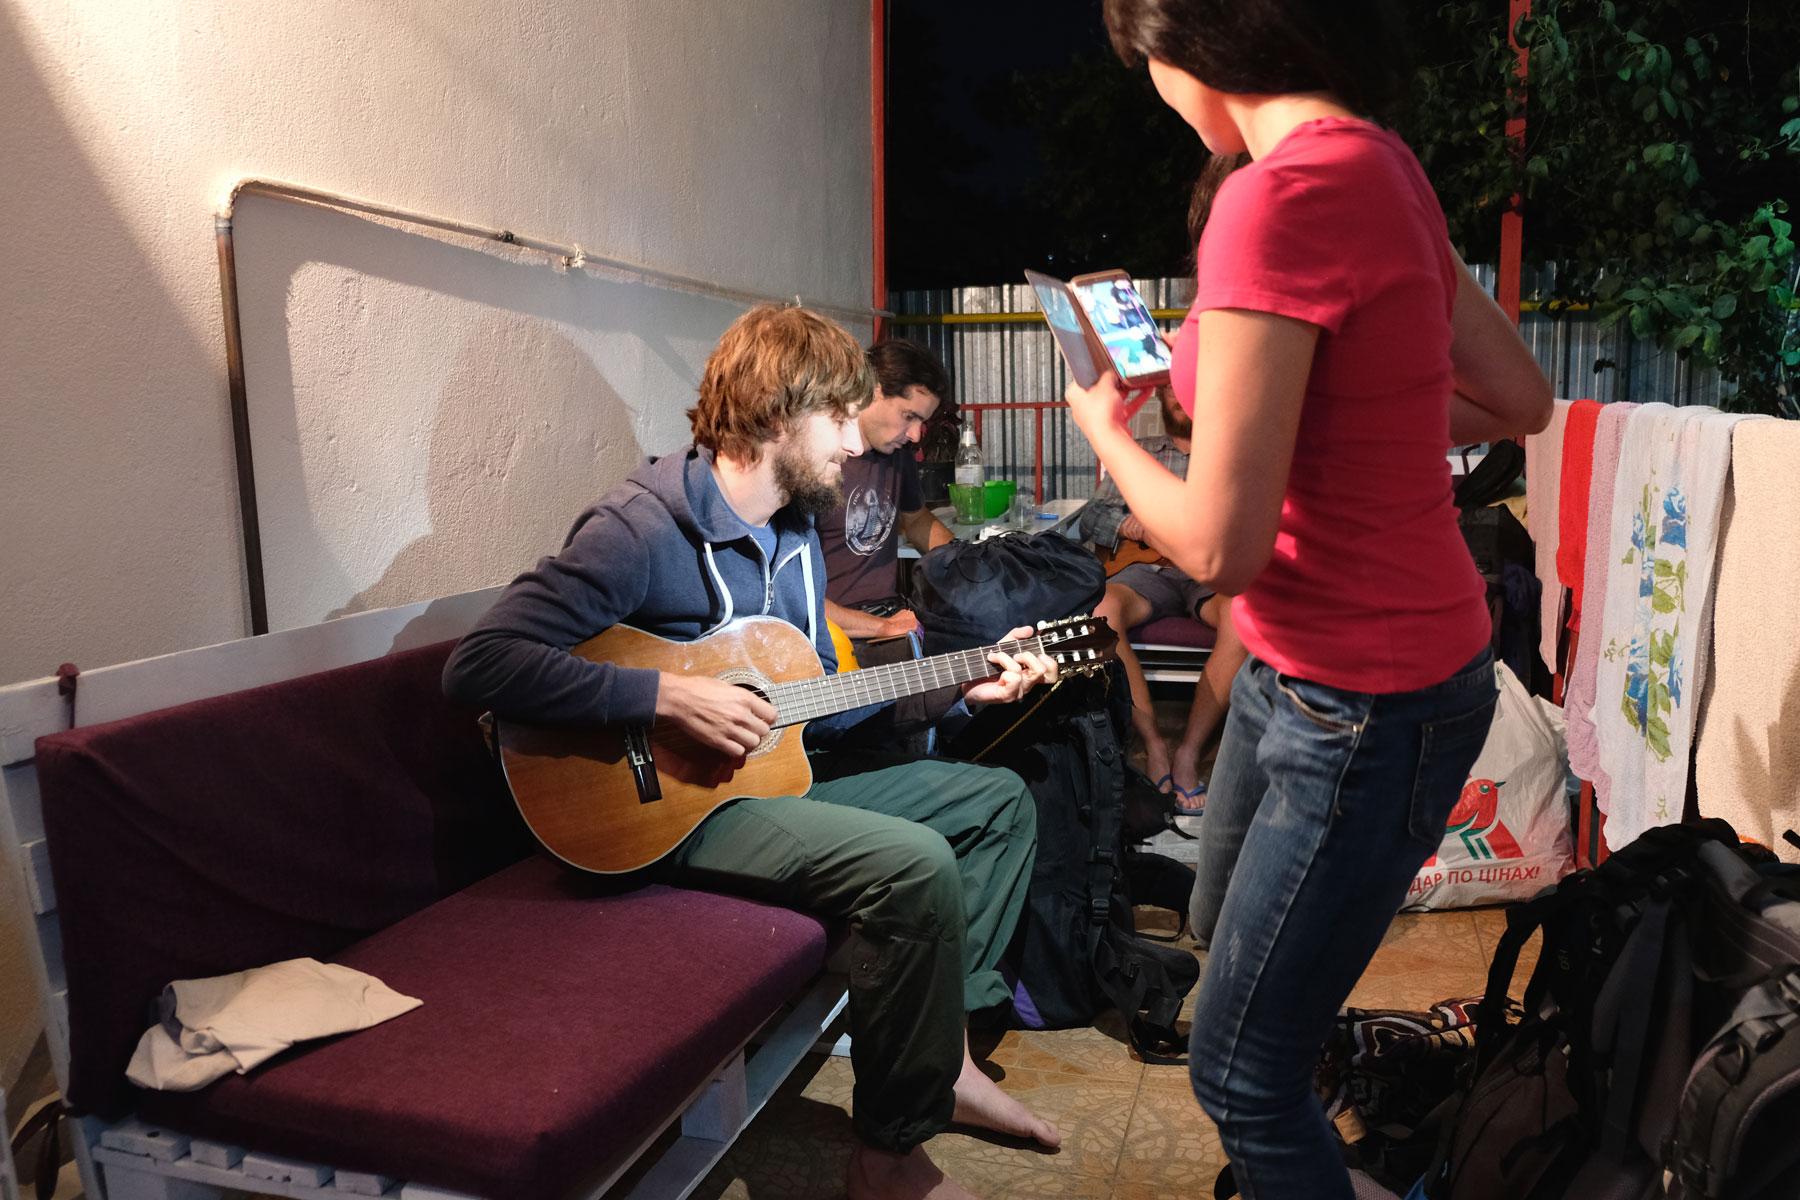 Sebastian spielt Gitarre. Eine Frau filmt ihn mit ihrem Smartphone.